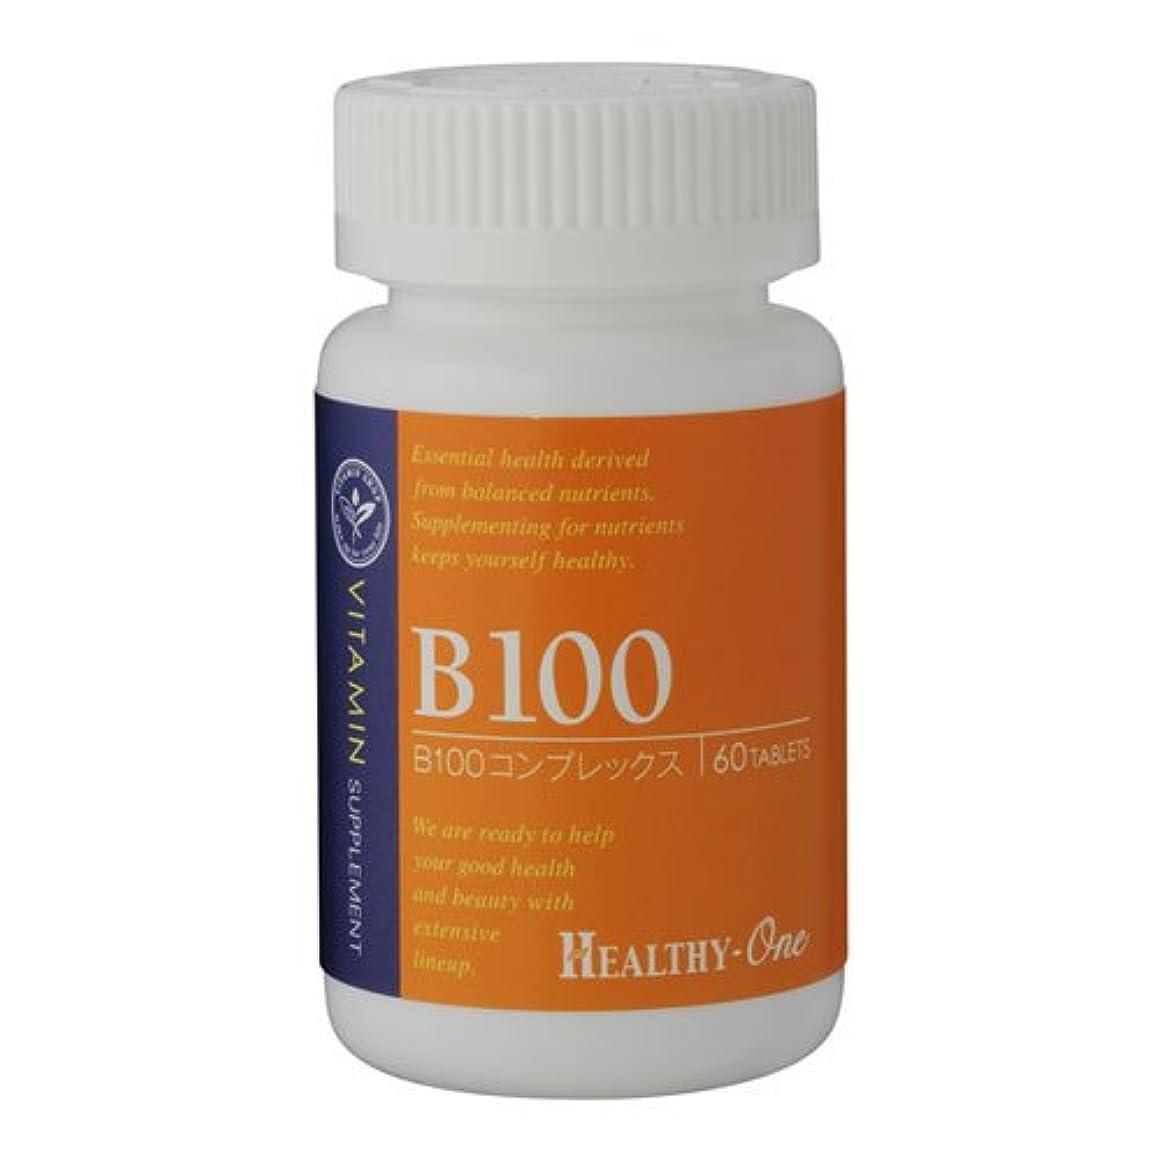 進化する調和のとれたヨーグルトヘルシーワン ビタミンB100 60粒 60日分